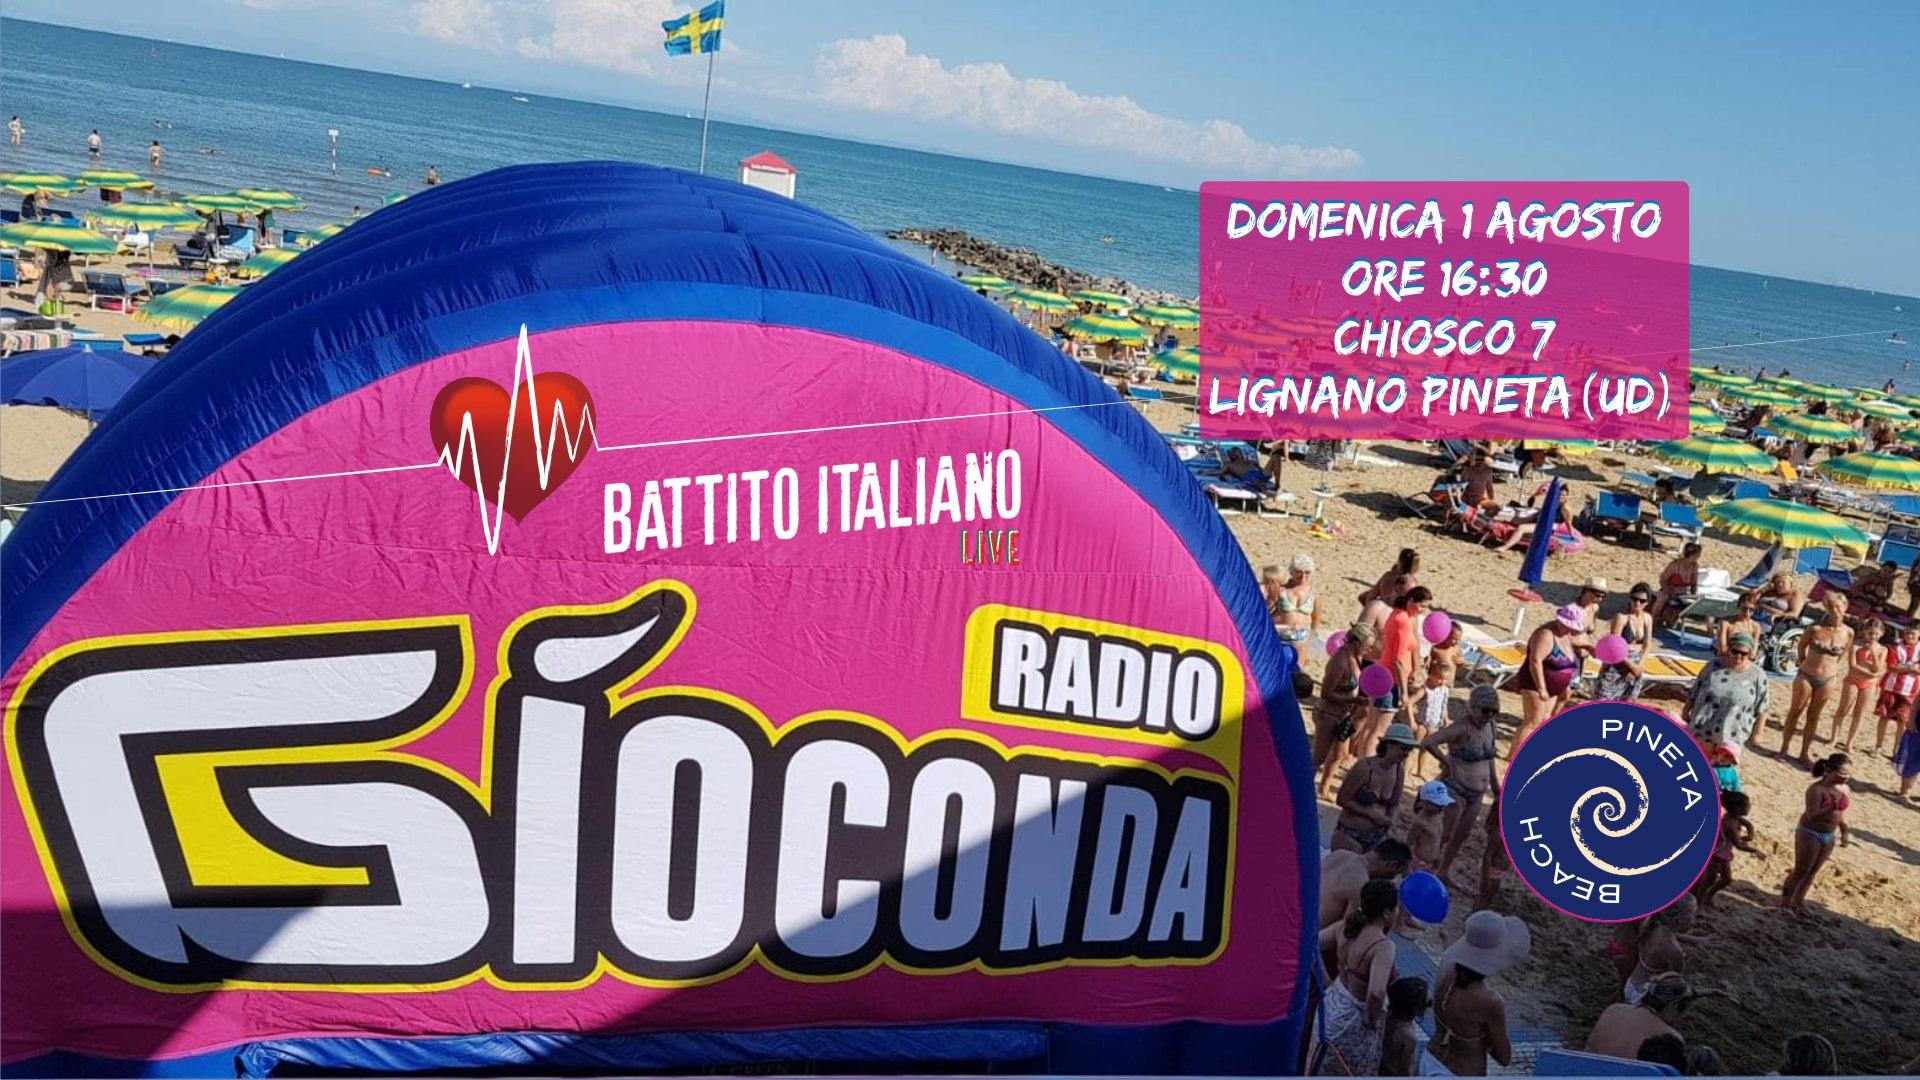 Battito Italiano Live dal Chiosco 7 di Lignano Pineta (UD)